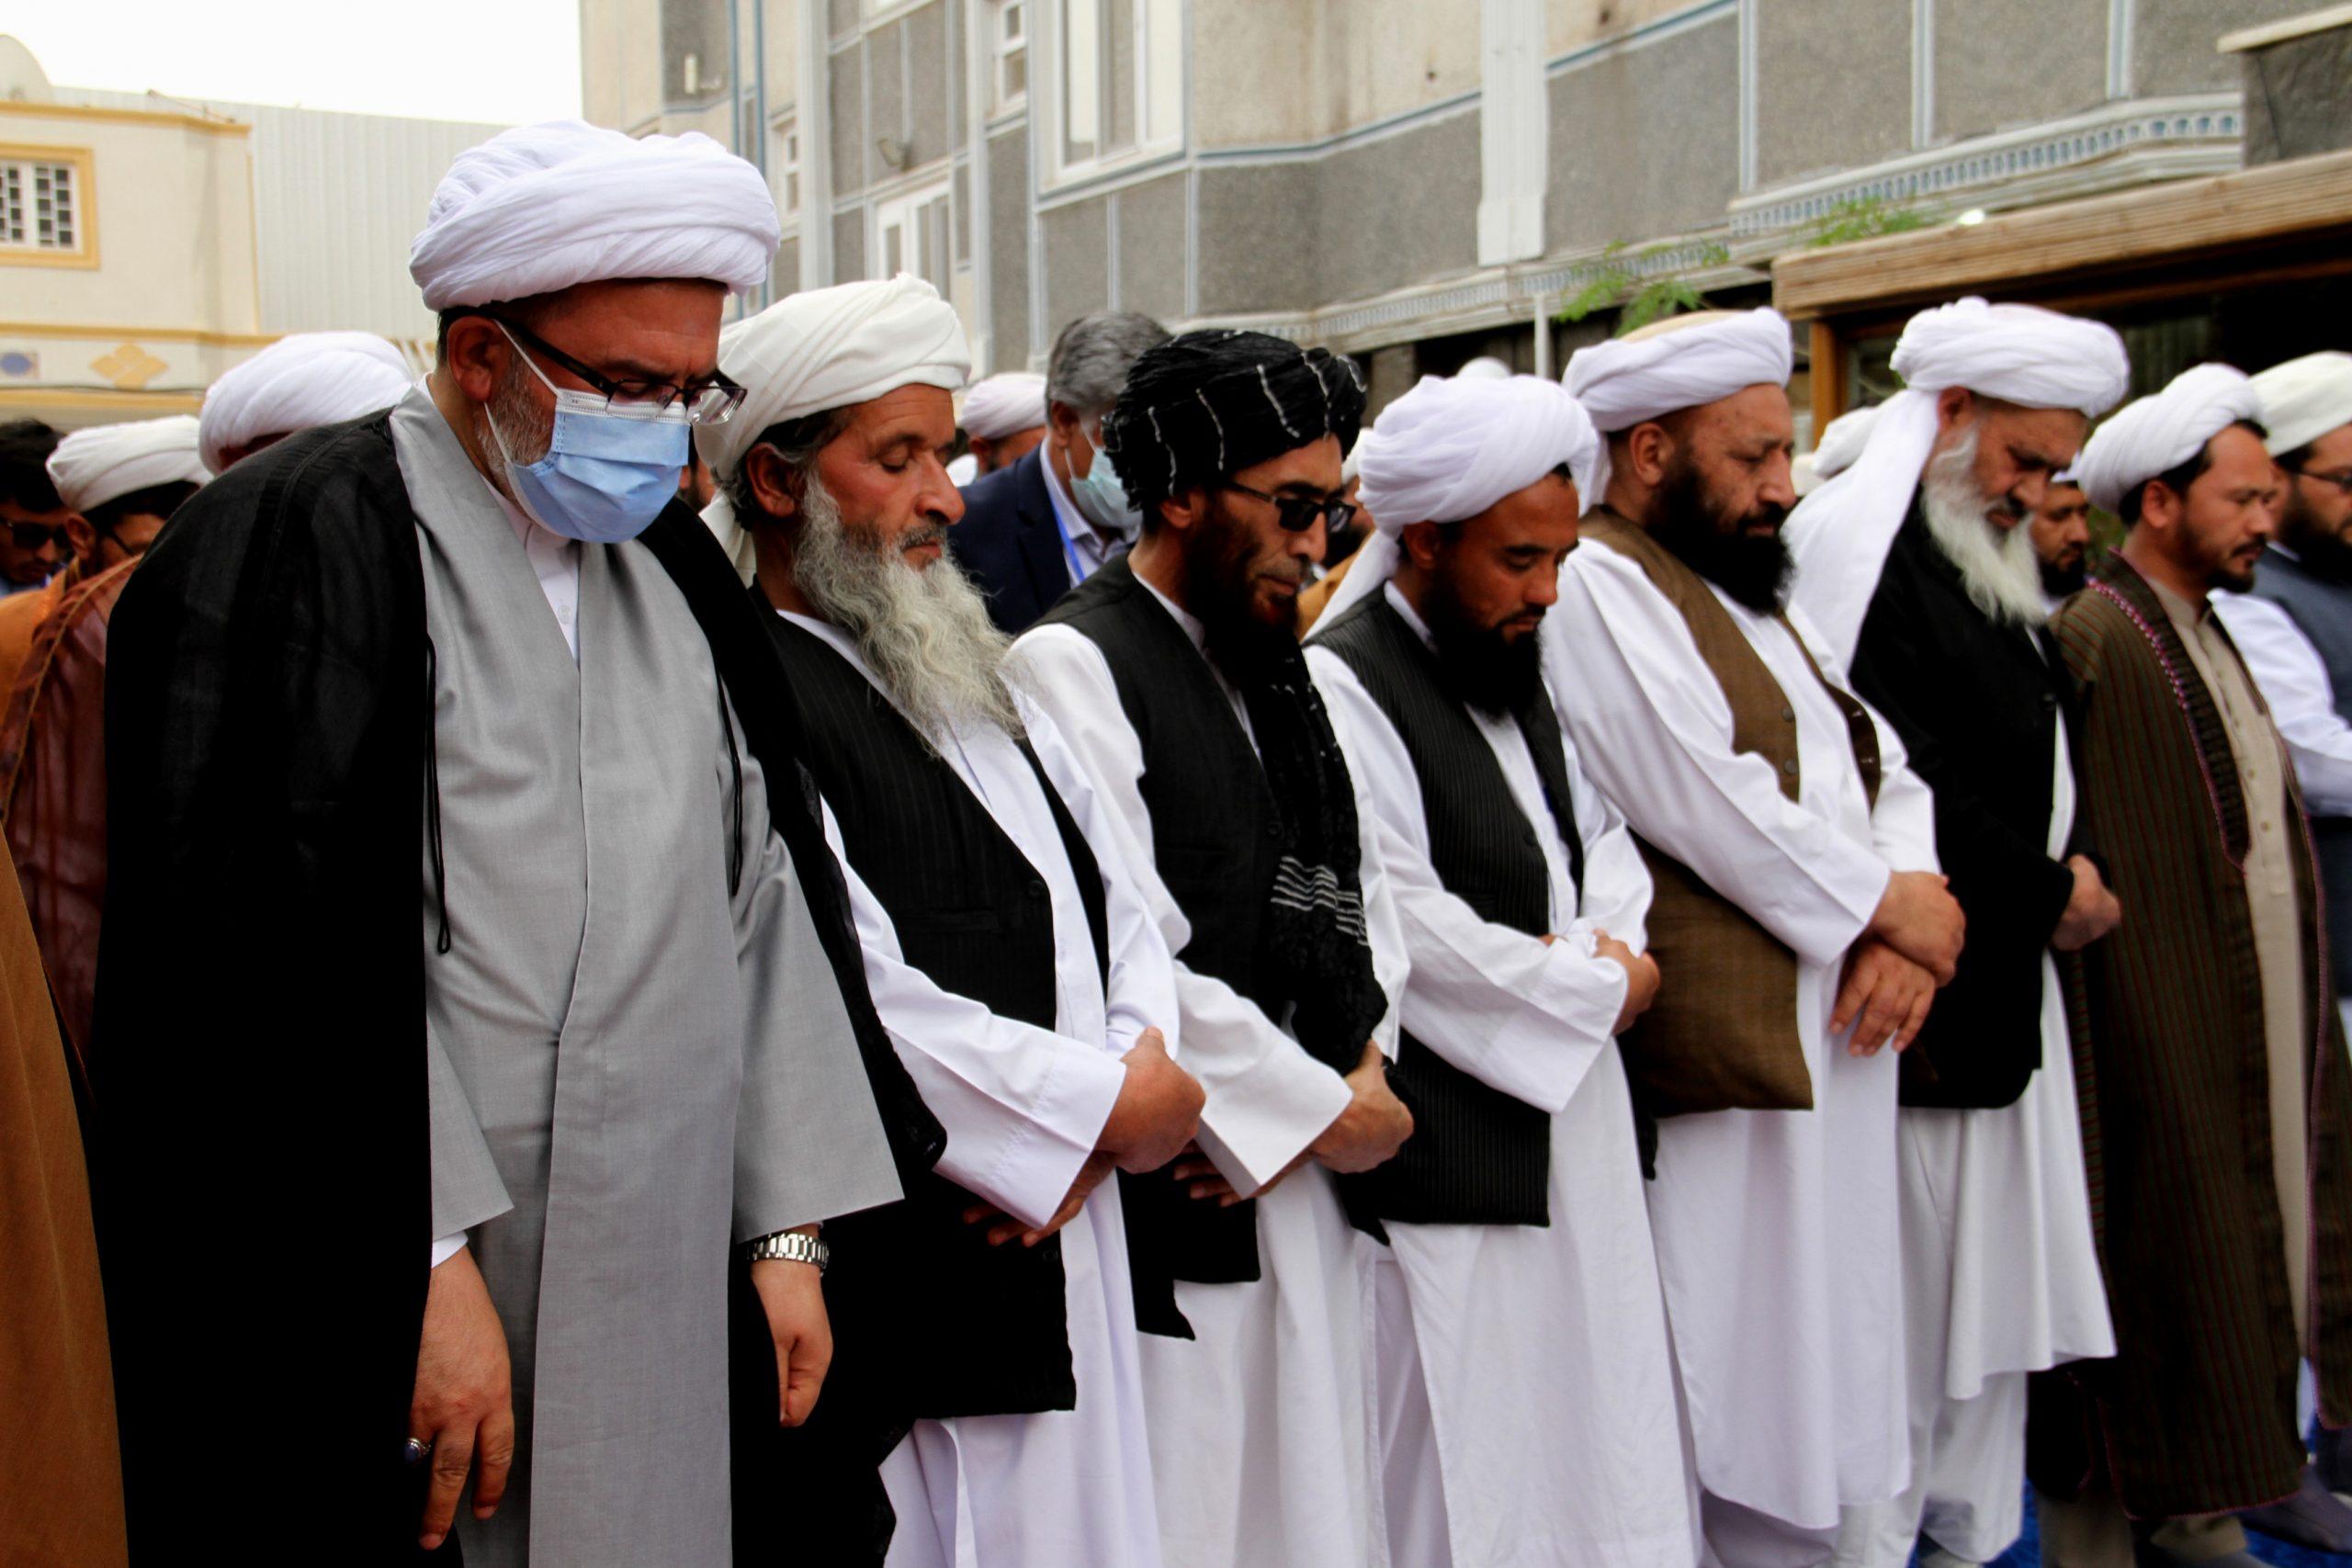 برگزاری نماز وحدت در همایش دو روزه علمی –  بین المللی در هرات